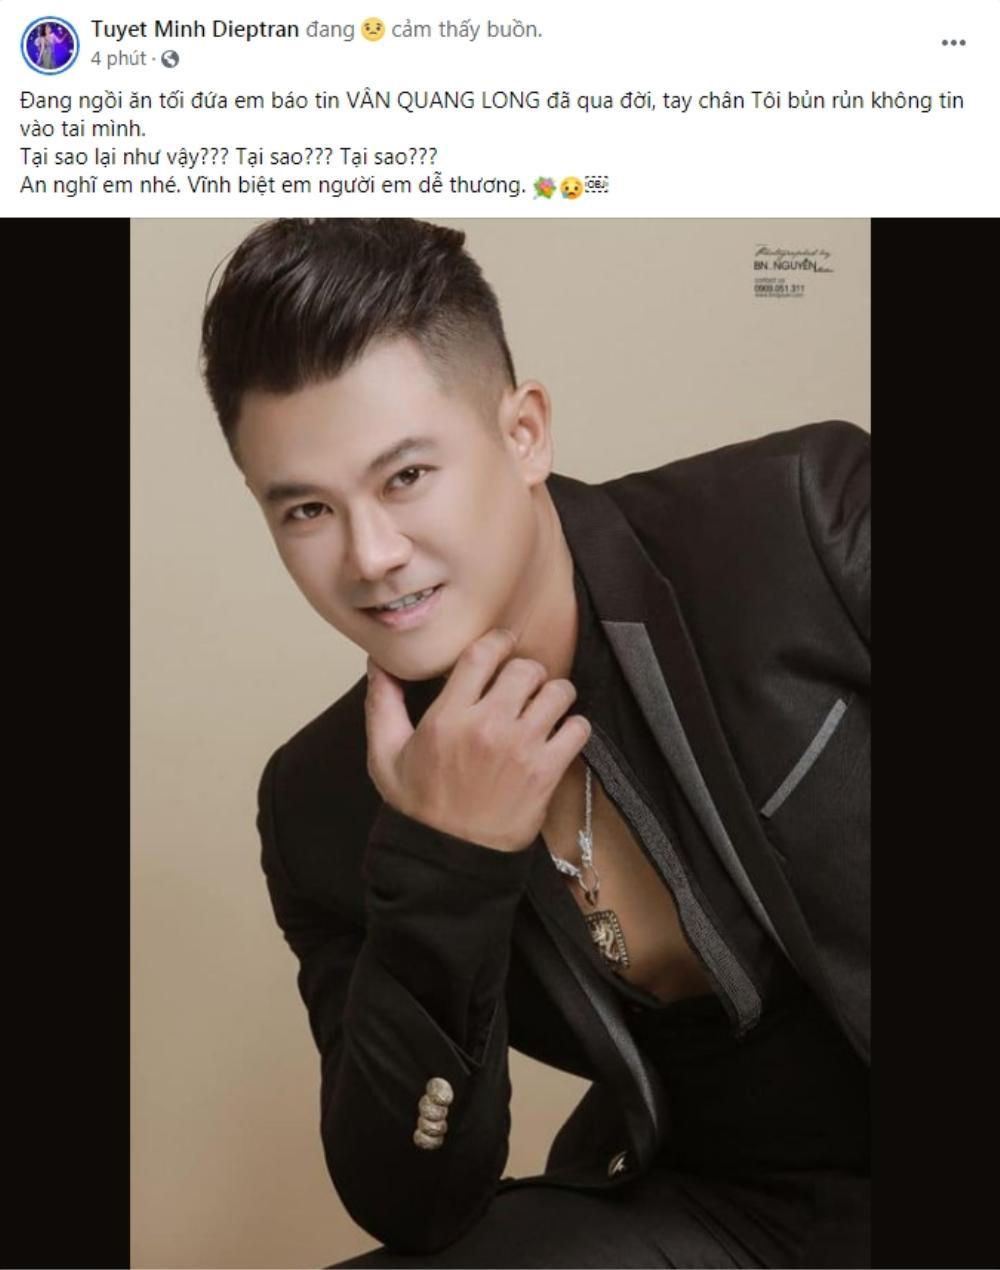 Tuấn Hưng, Lâm Khánh Chi bàng hoàng tiễn Vân Quang Long, Cát Tường nức nở: 'Sao đột quỵ hoài vậy' Ảnh 11